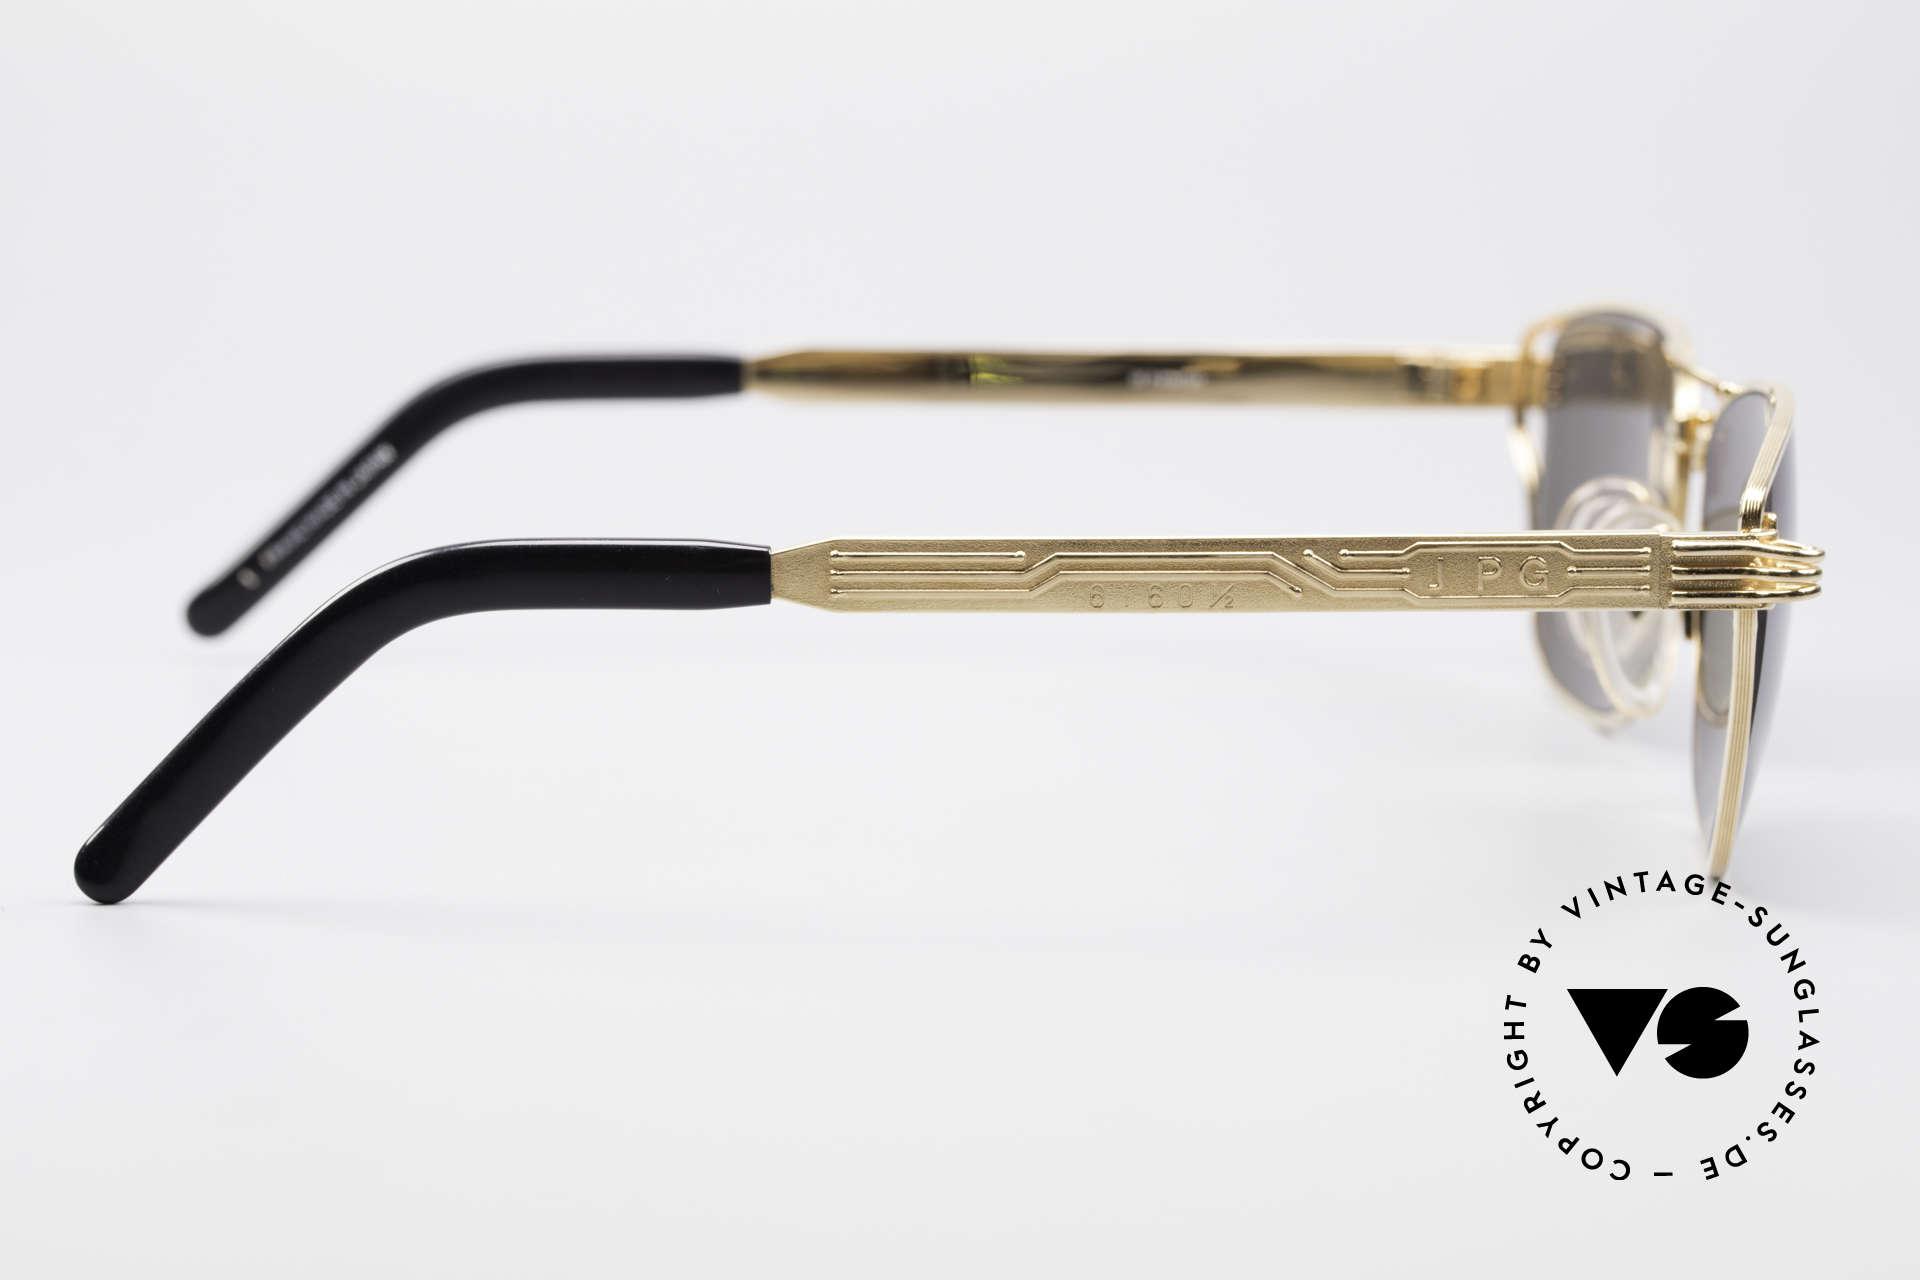 Jean Paul Gaultier 56-4173 Eckige Designer Sonnenbrille, Keine Retrobrille, sondern ein Original von 1995, Passend für Herren